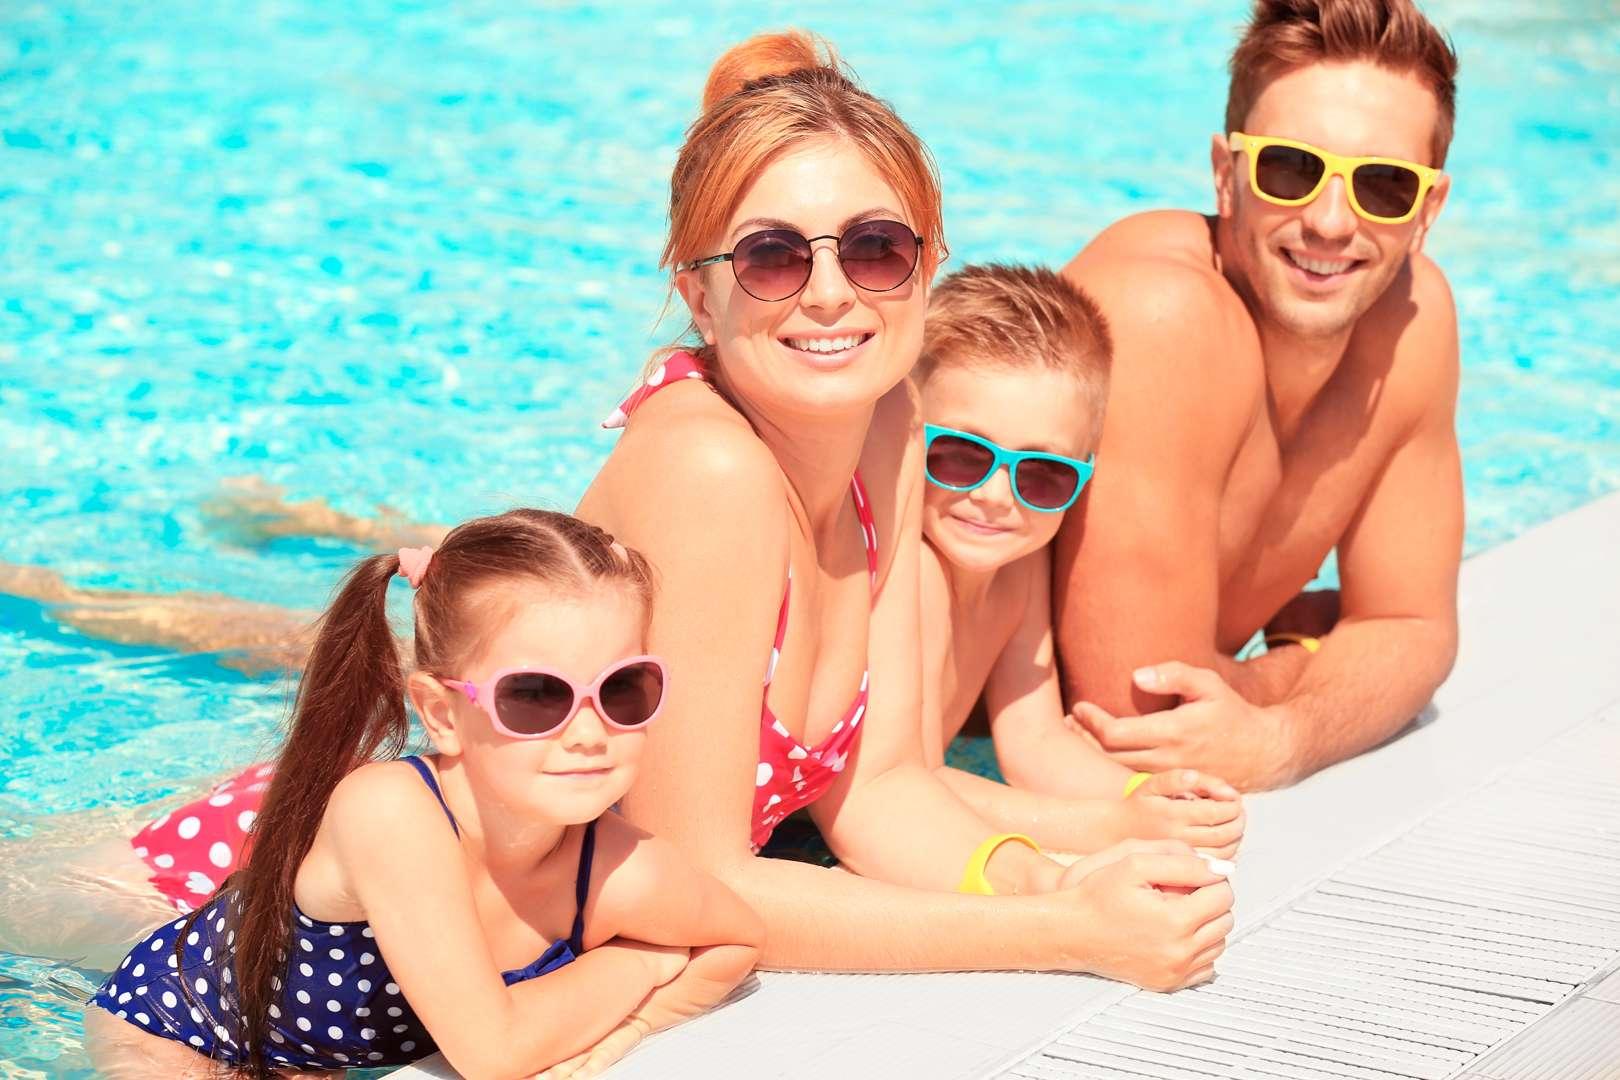 Ảnh chụp cả gia đình cùng đi chơi ở bể bơi